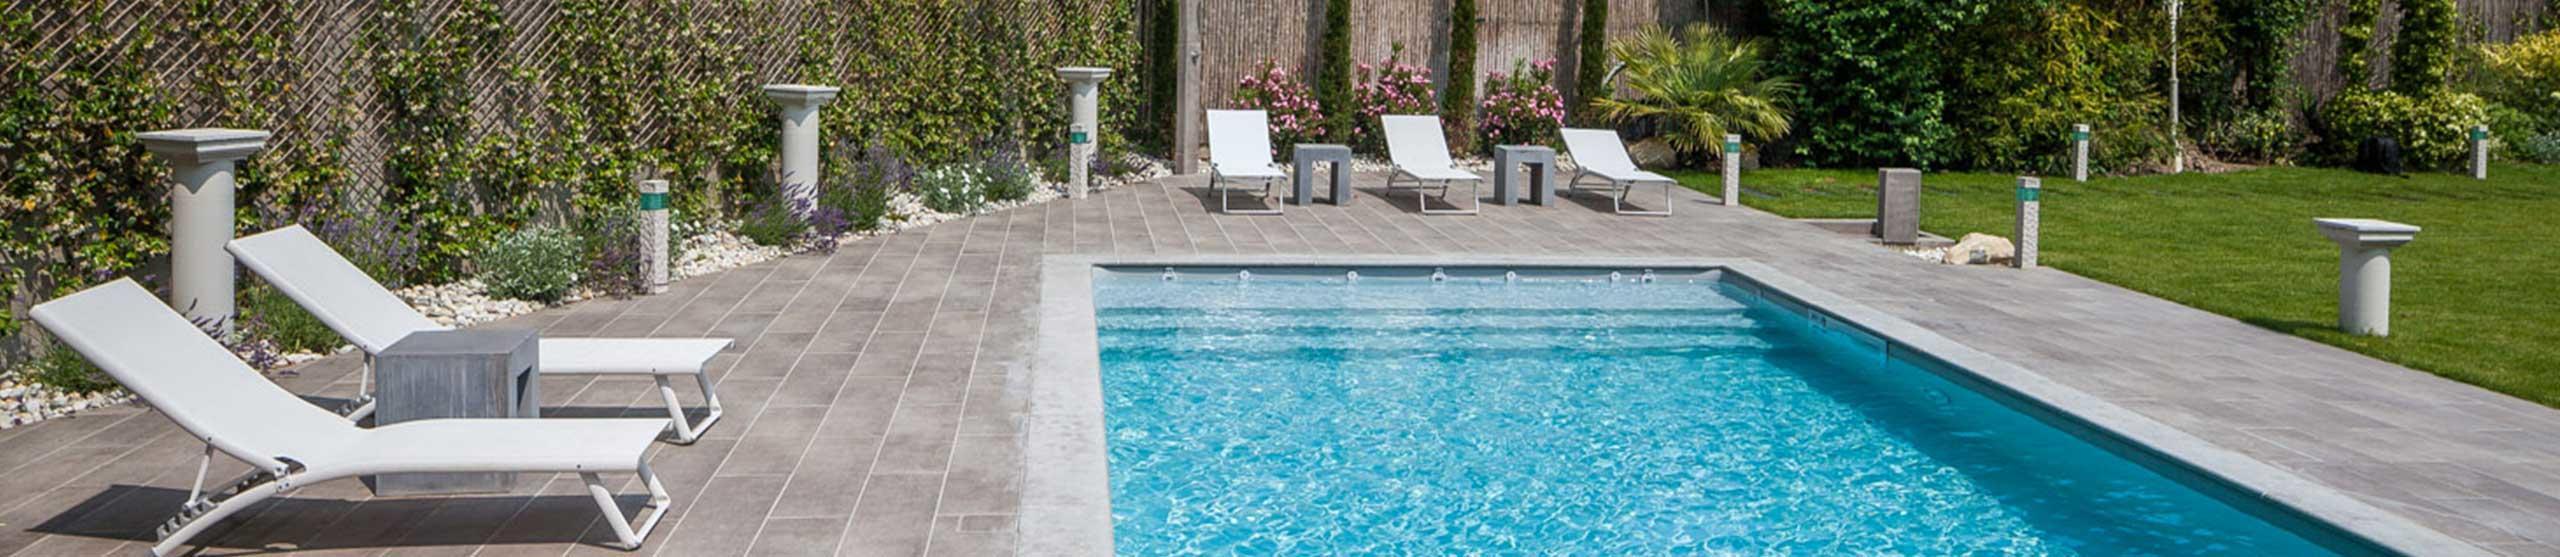 Le co t r el d une piscine je vous en dis un peu plus - Le cout d une piscine ...